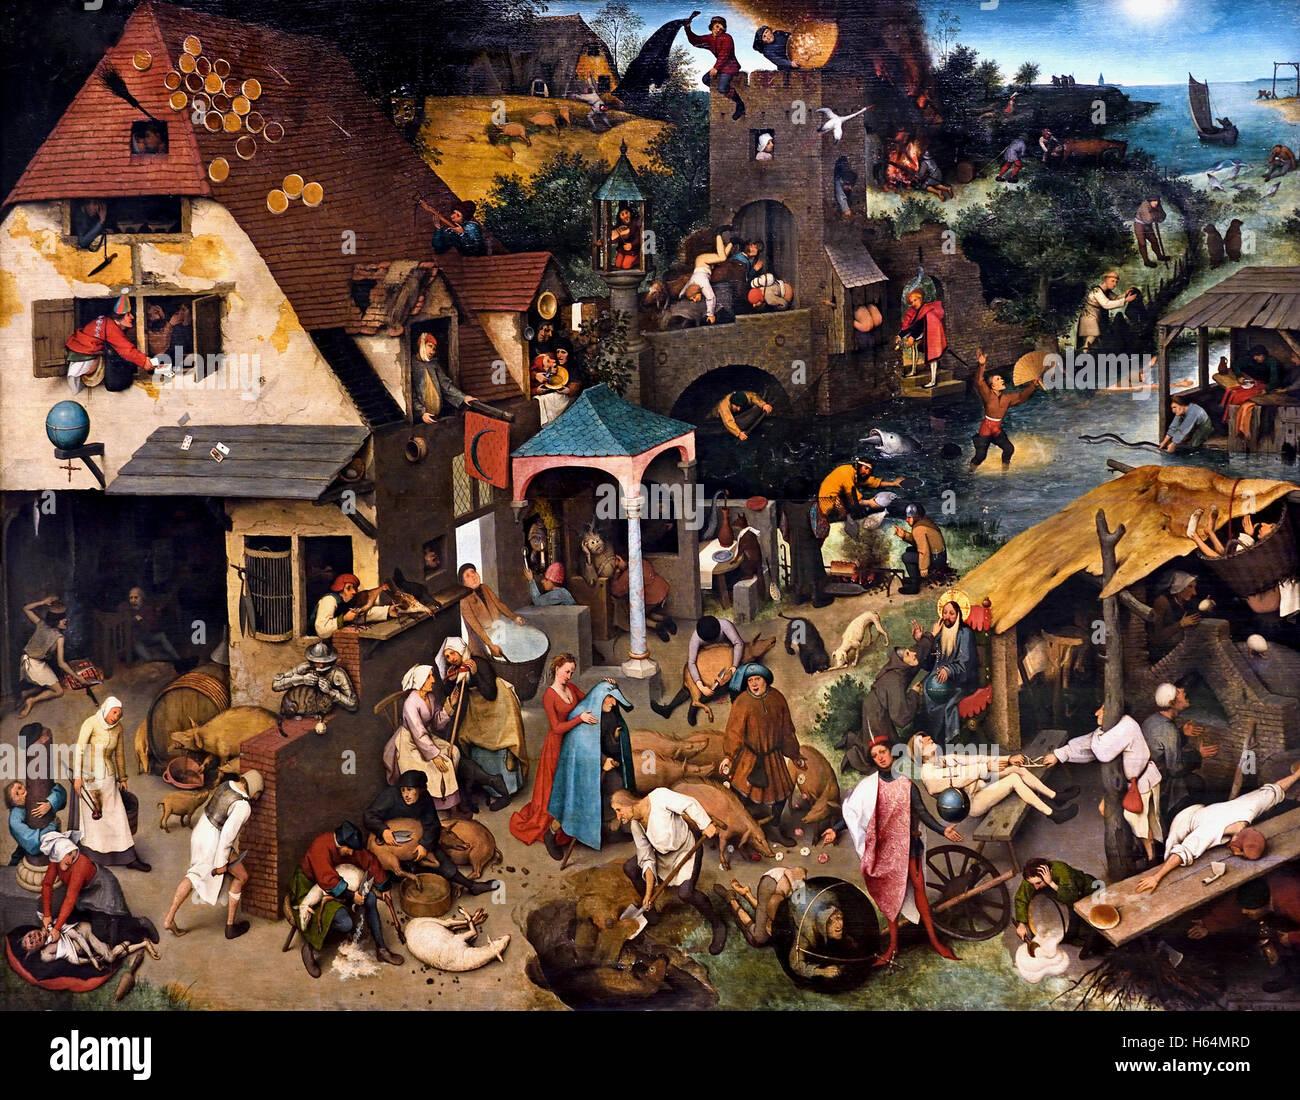 Die niederländischen Sprichwörter, 1559 Pieter Brueghel (Bruegel) der älteren Breda1525 - 1569 Brüssel Stockbild